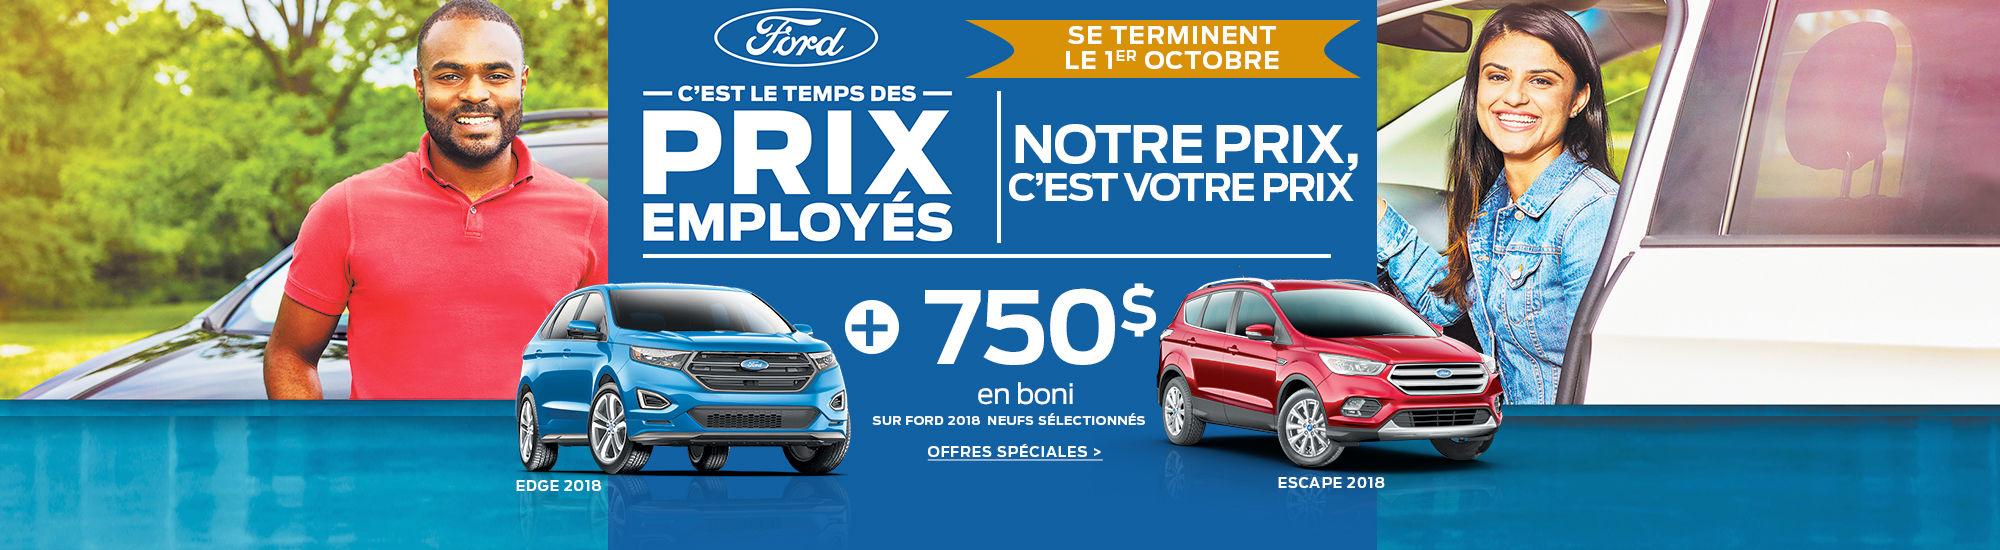 Ford-C'est le temps des prix employés